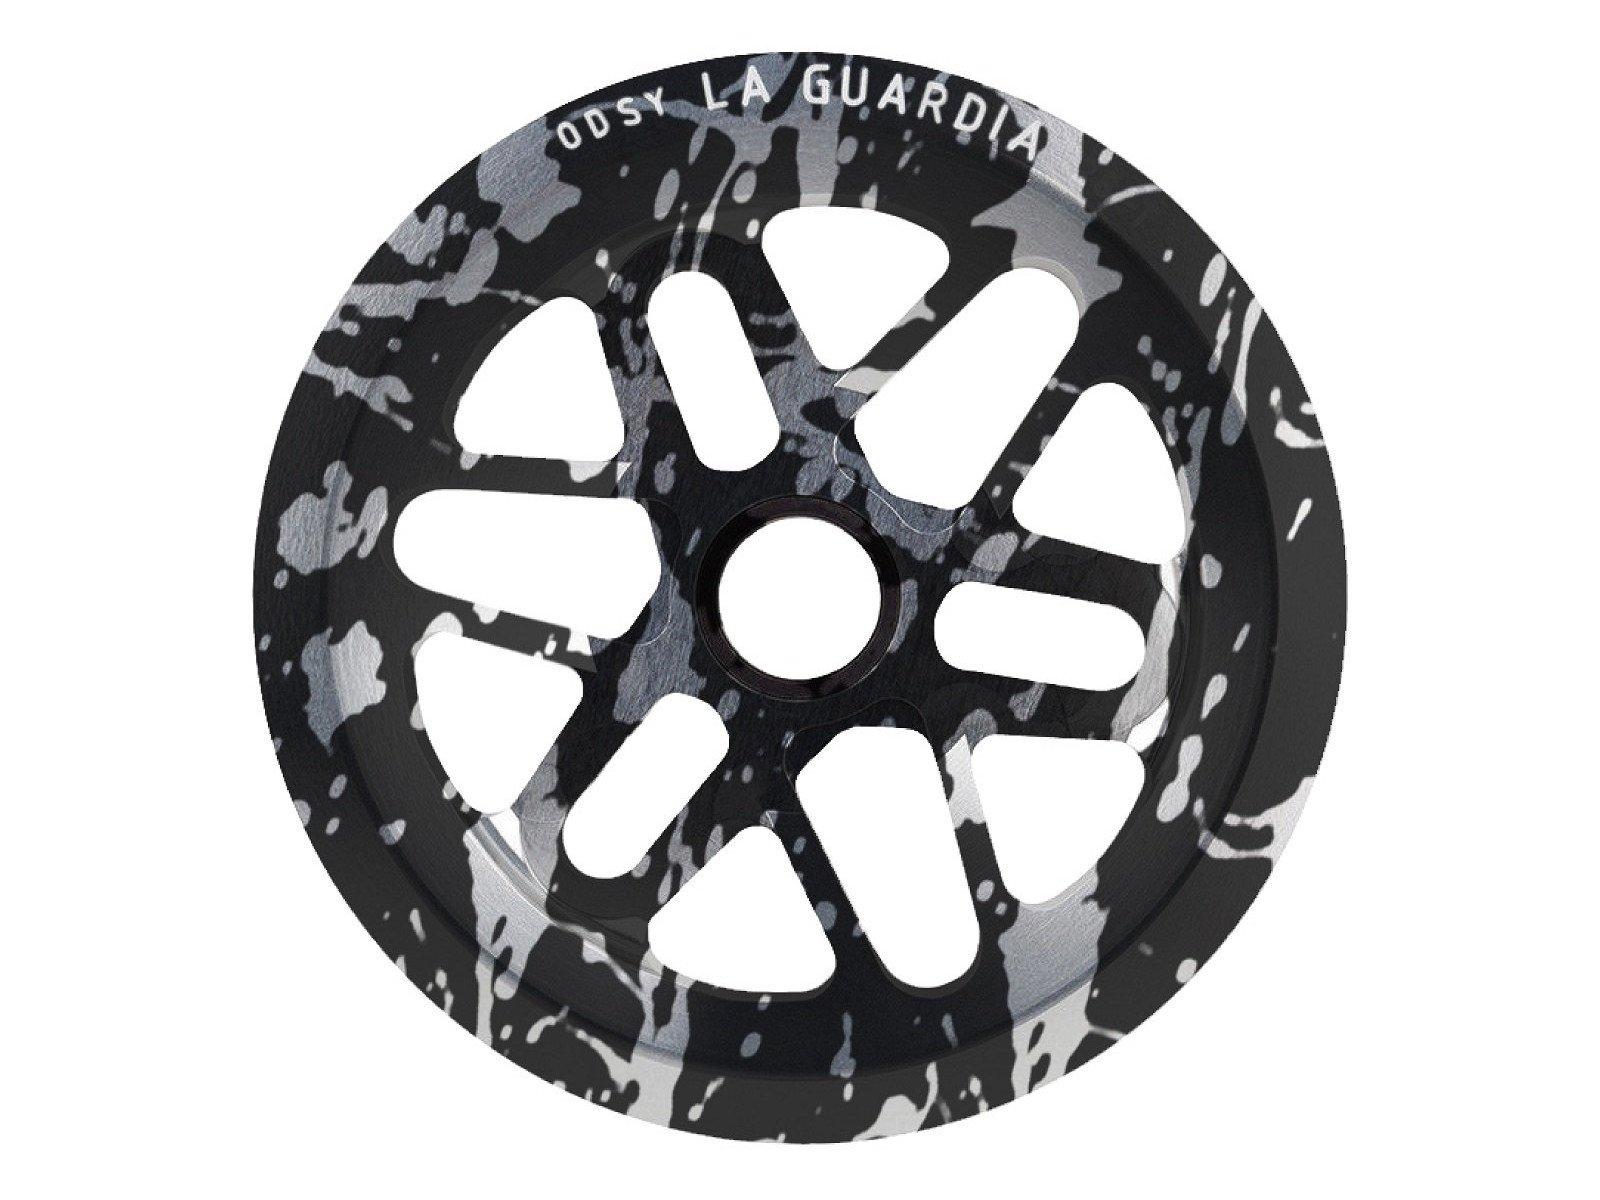 Odyssey La Guardia Limited Edition Corona | Colore Black